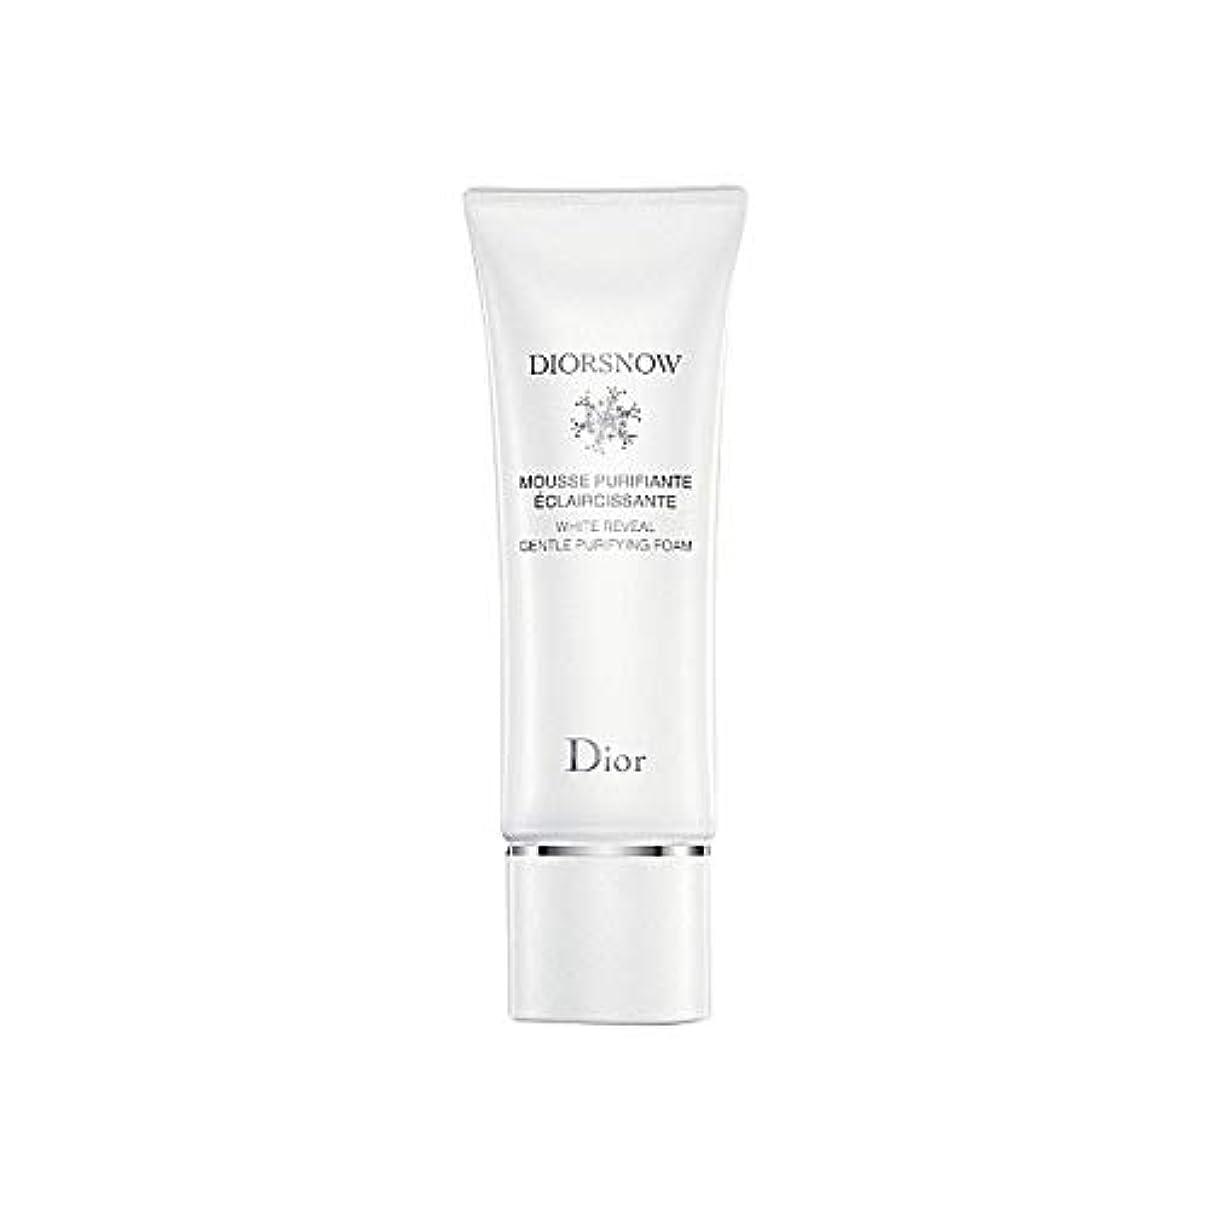 忌避剤守る詳細に[Dior] ディオールディオールスノー浄化フォーム - Dior Diorsnow Purifying Foam [並行輸入品]